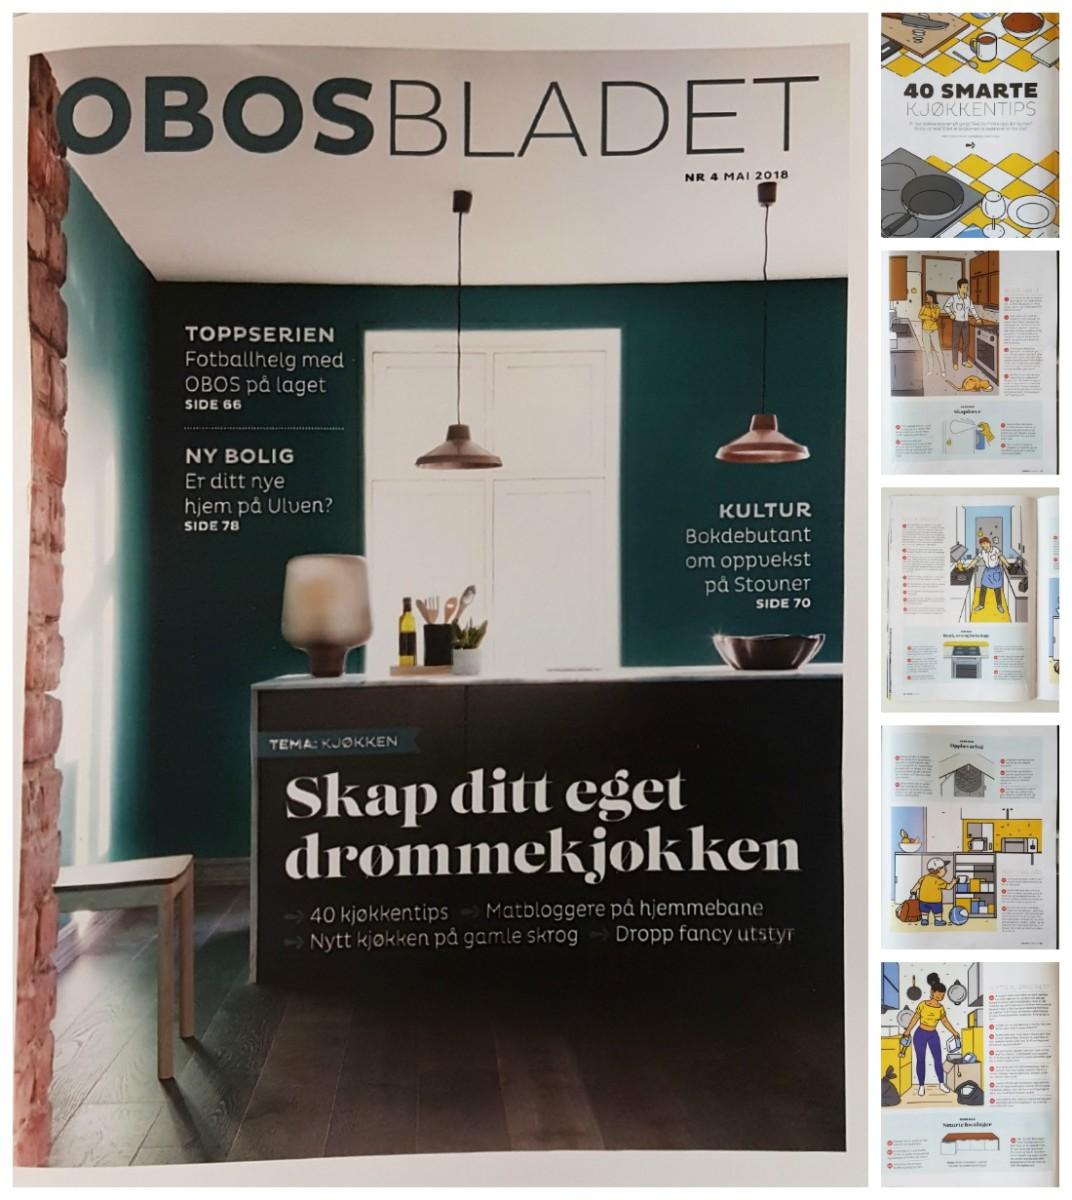 40 smarte kjøkkentips i artikkel i OBOS bladet